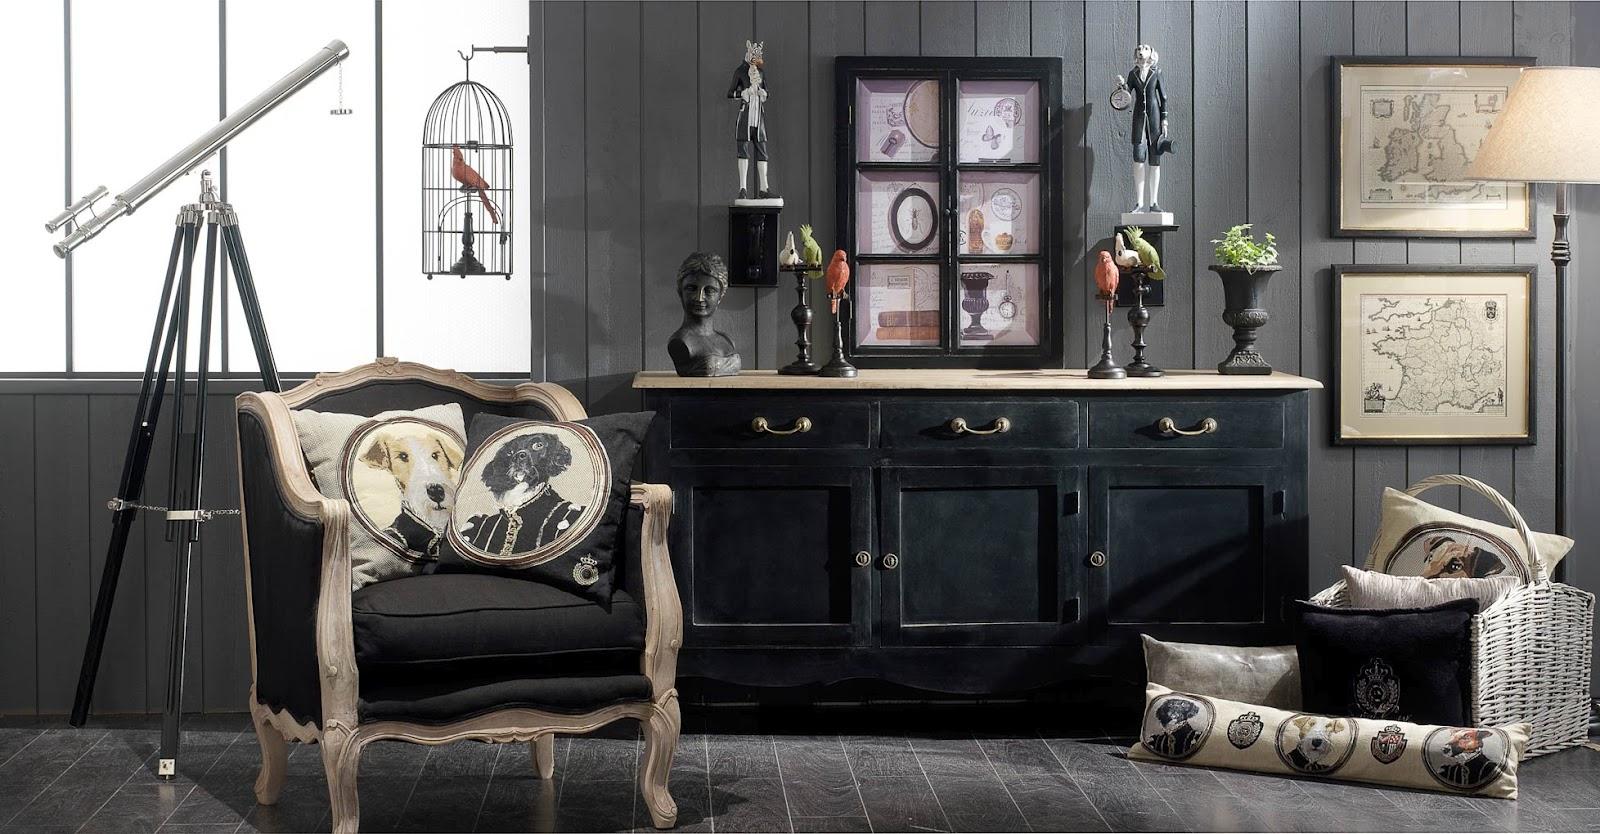 Boiserie c legno nero invecchiato per l 39 arredamento for Maison du monde grasse